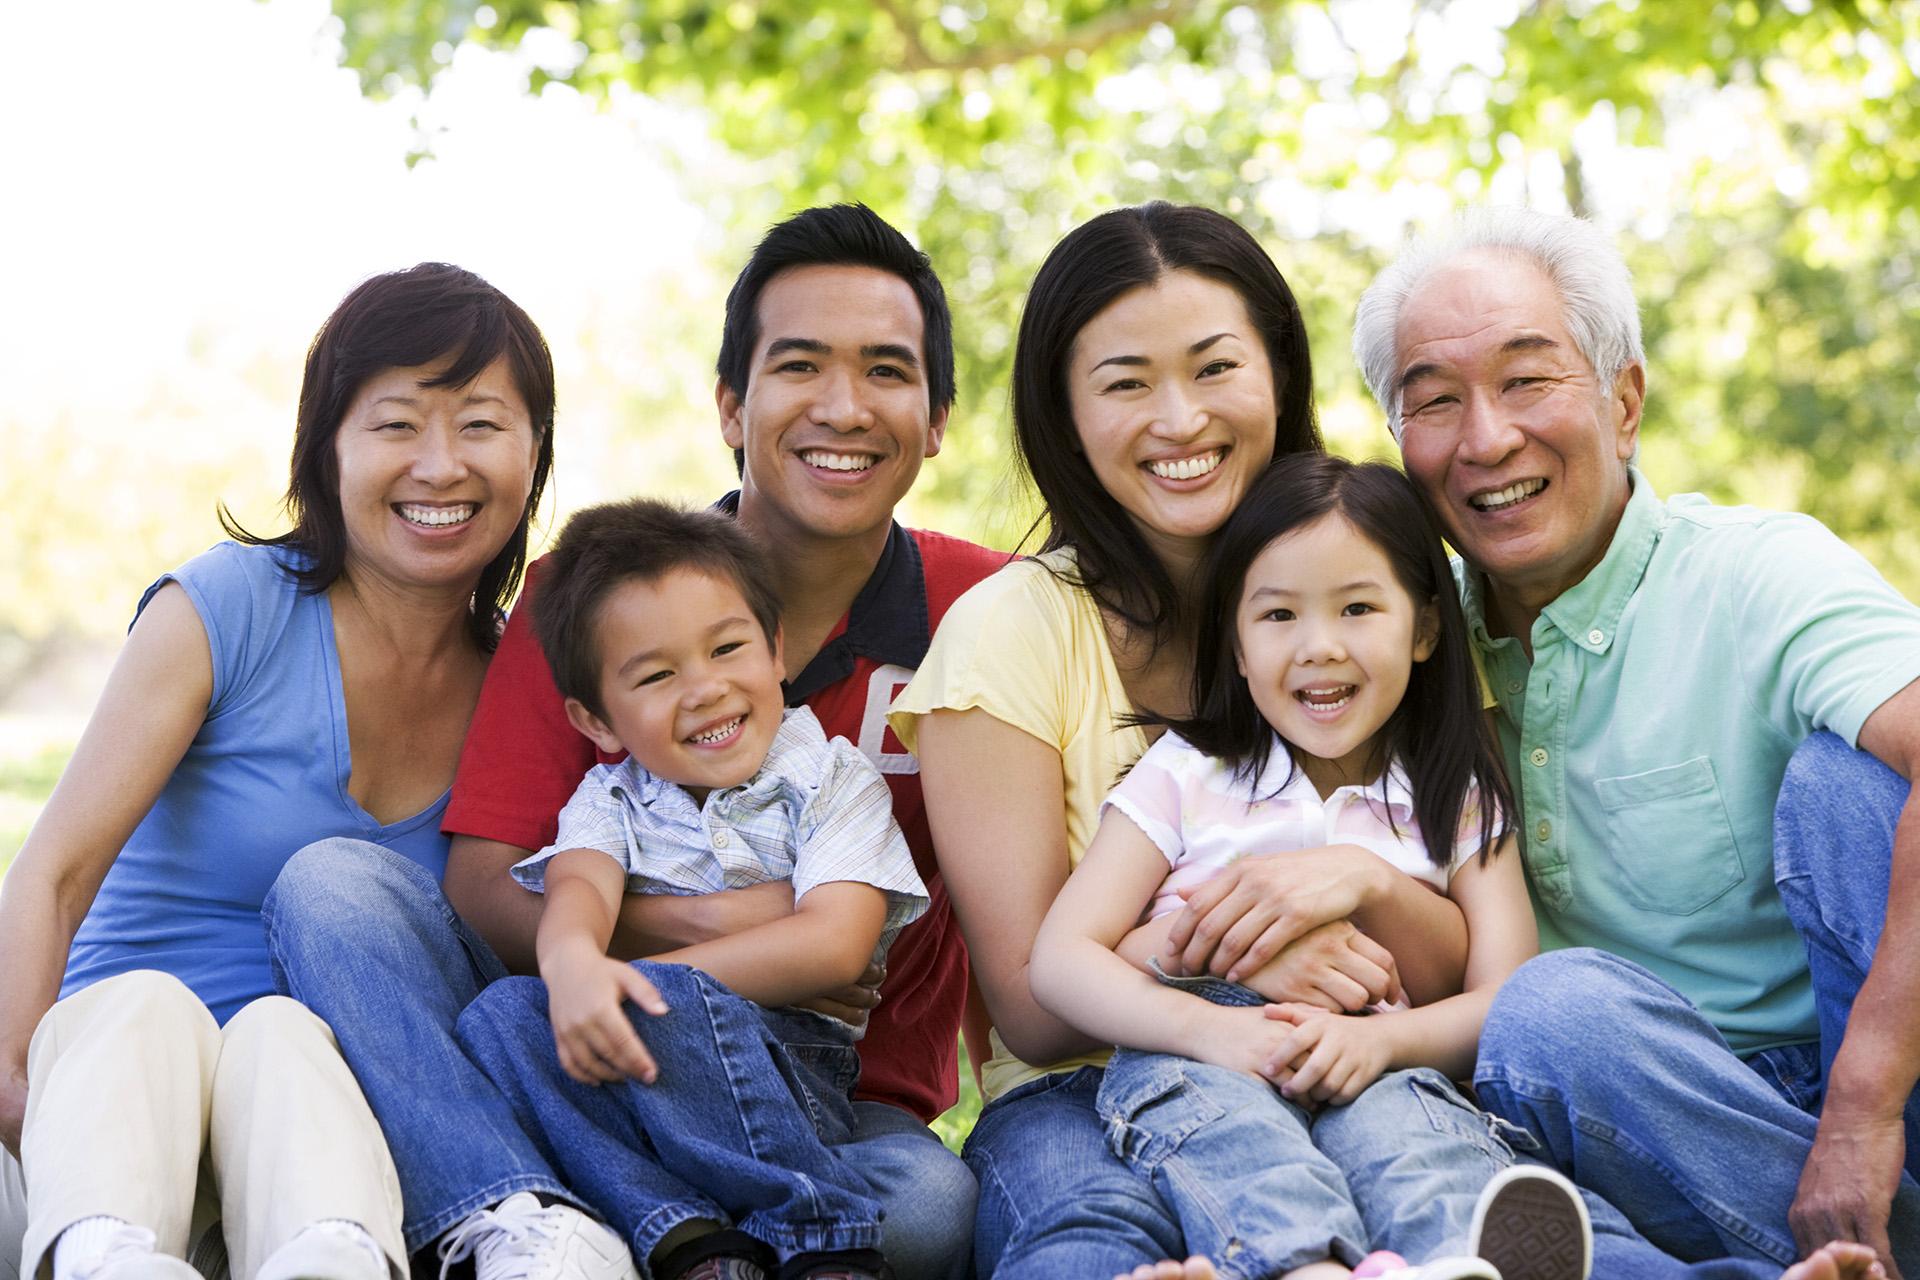 extendedfamilysittingoutdoorssmiling8081900.jpg